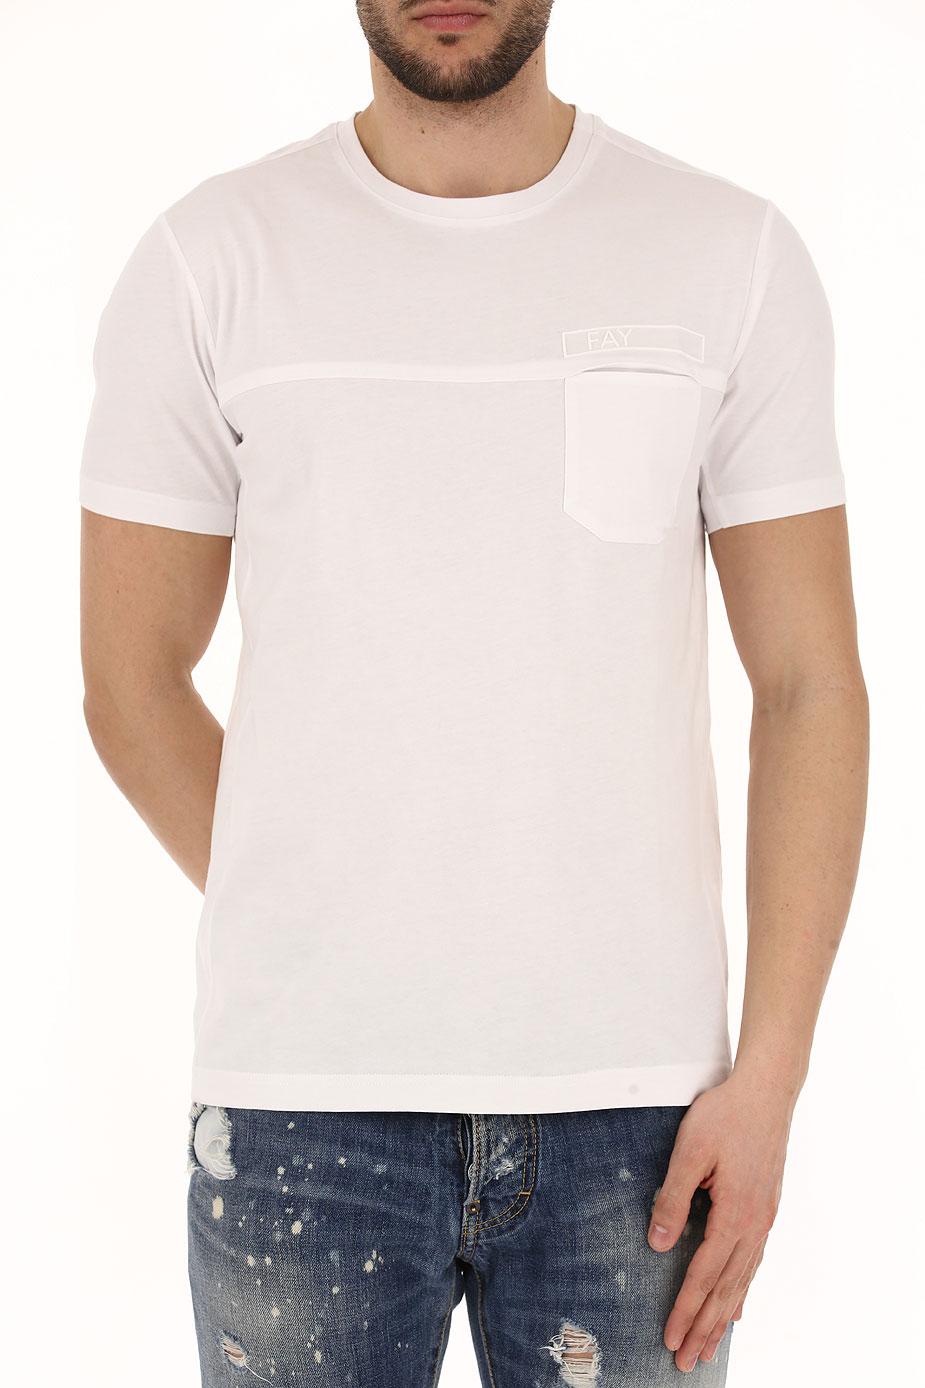 Abbigliamento Uomo Fay, Codice Articolo: npmb3361330pkub001--